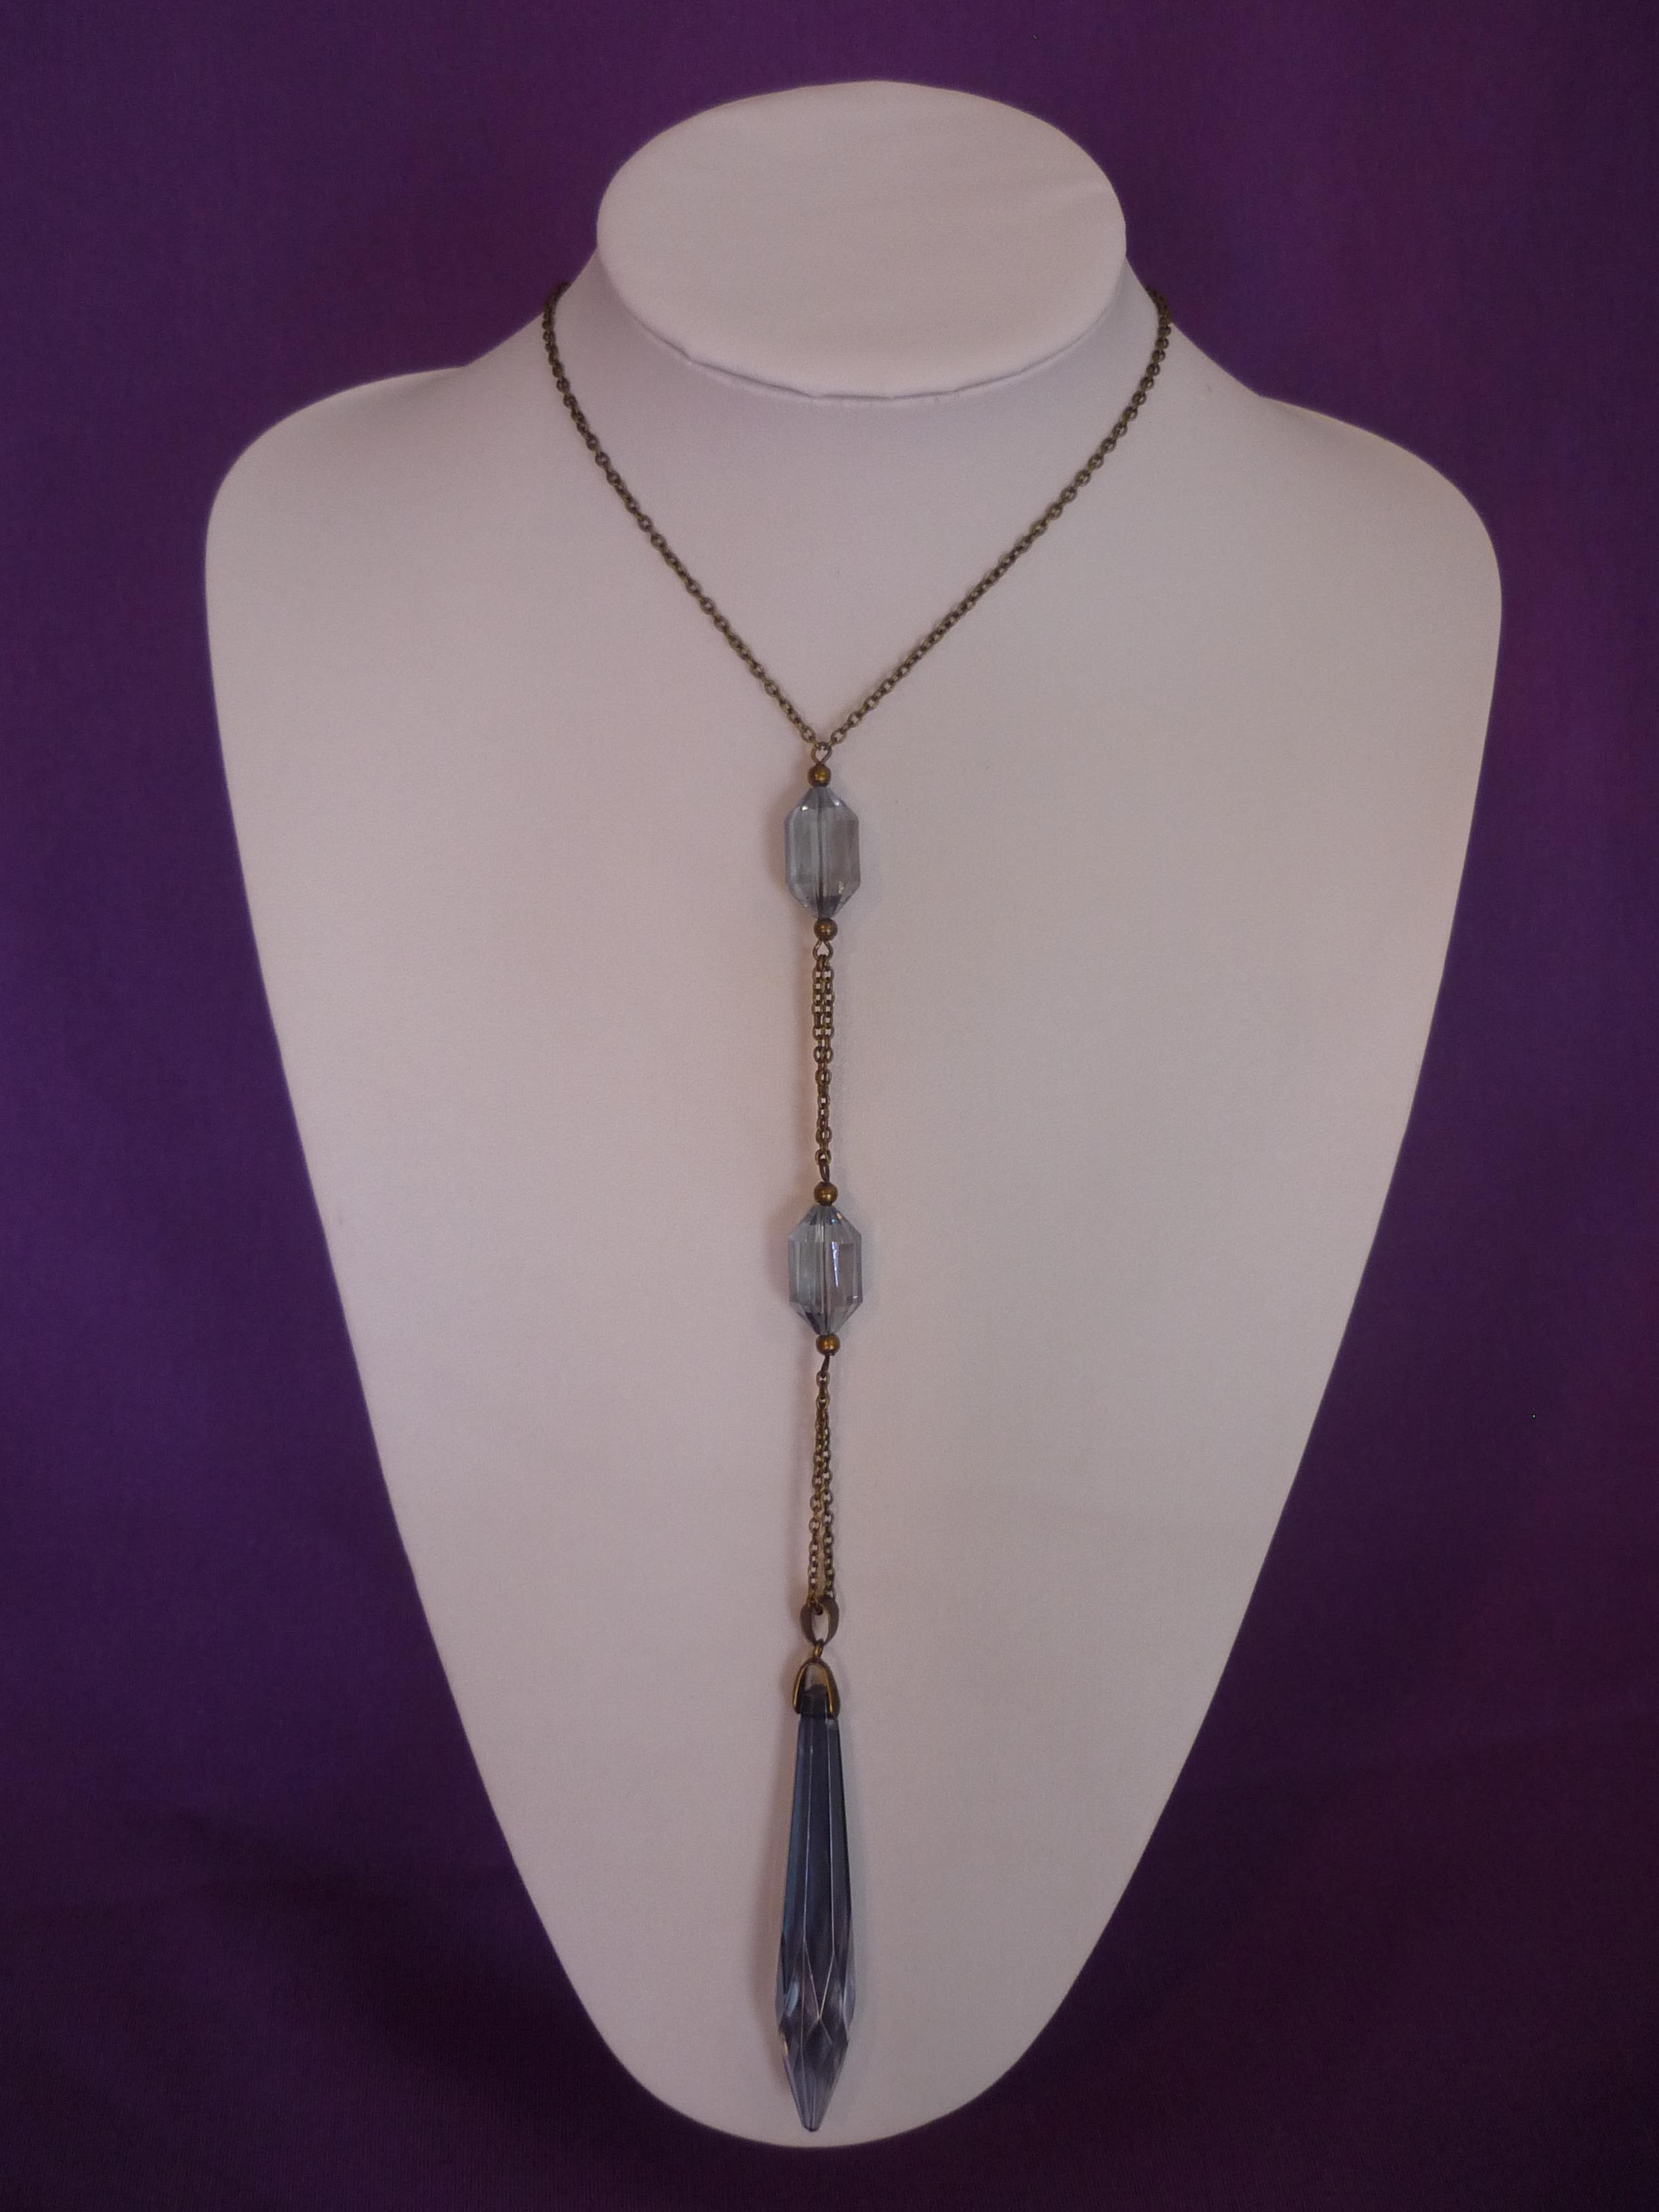 El modelo a destacar esta semana se adelanta como un visionario a las tendencias de los collares largos y la joyería hecha con cristal.